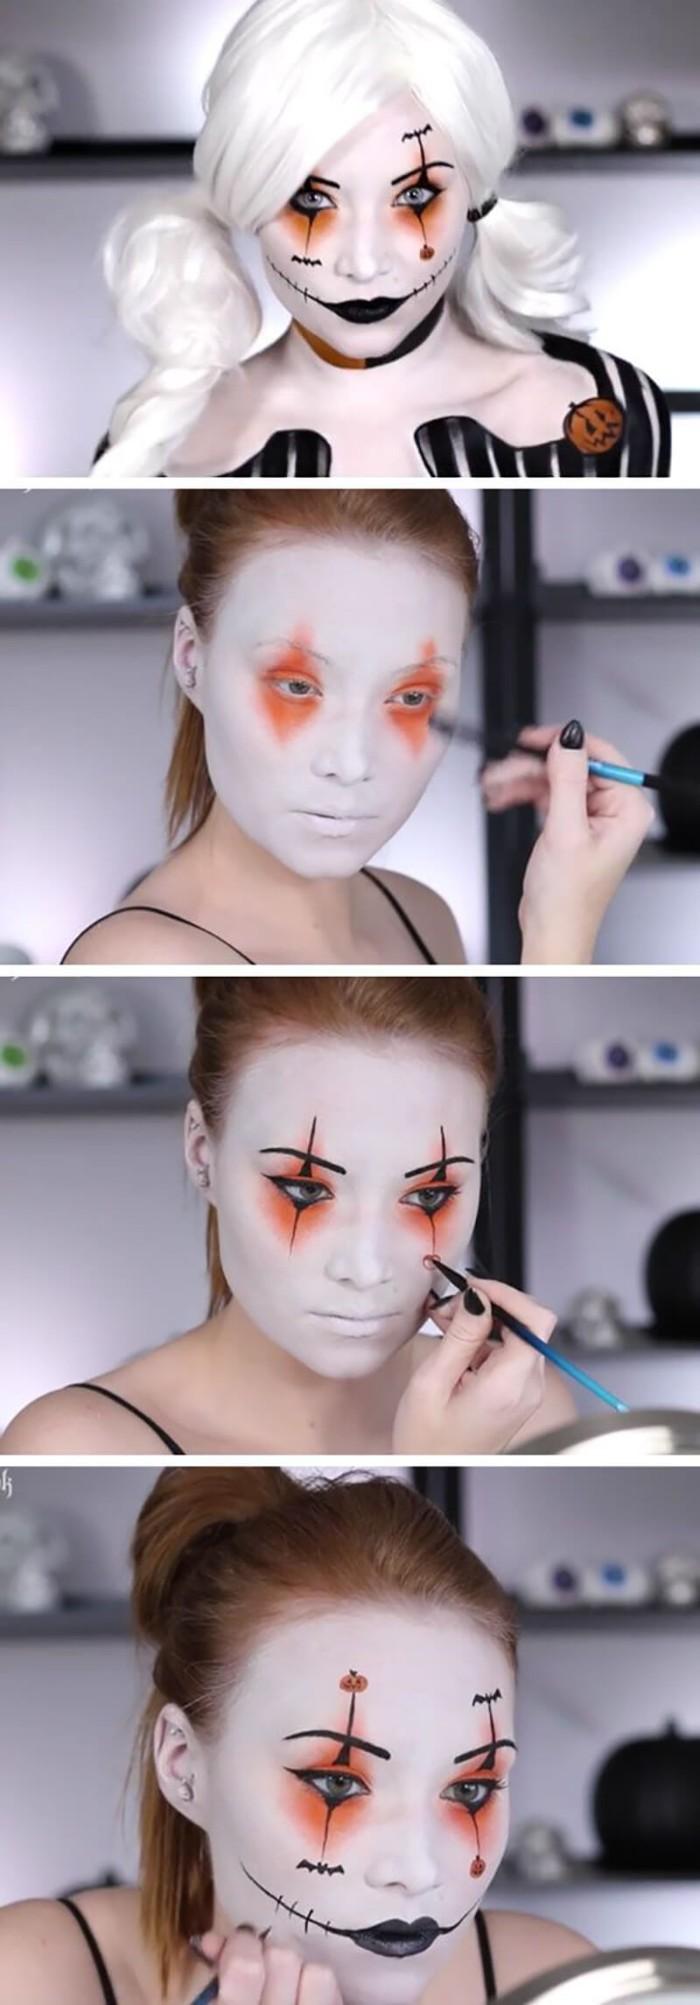 clown frau oder harley quinn schmink idee, anleitung in bildern, halloween schminktipps